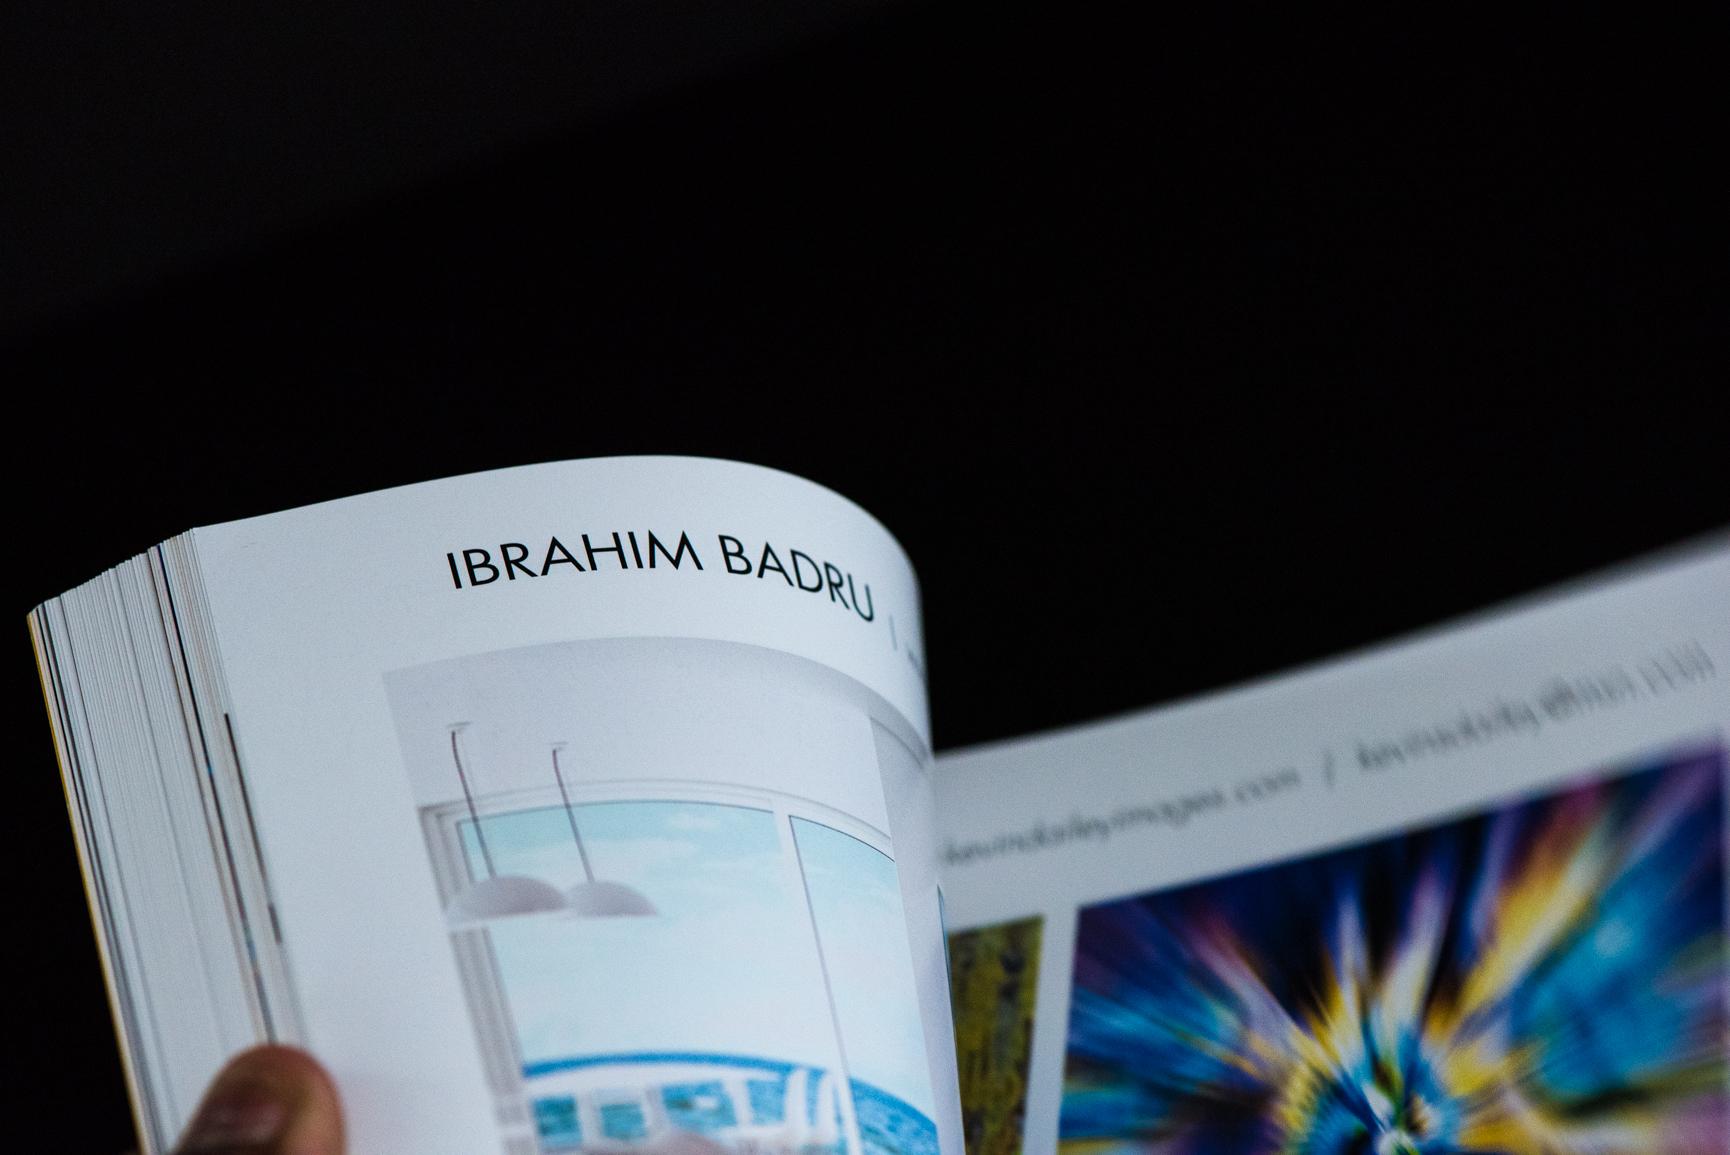 eyeobee art - Blink art resource - Ibrahim Badru-77.jpg